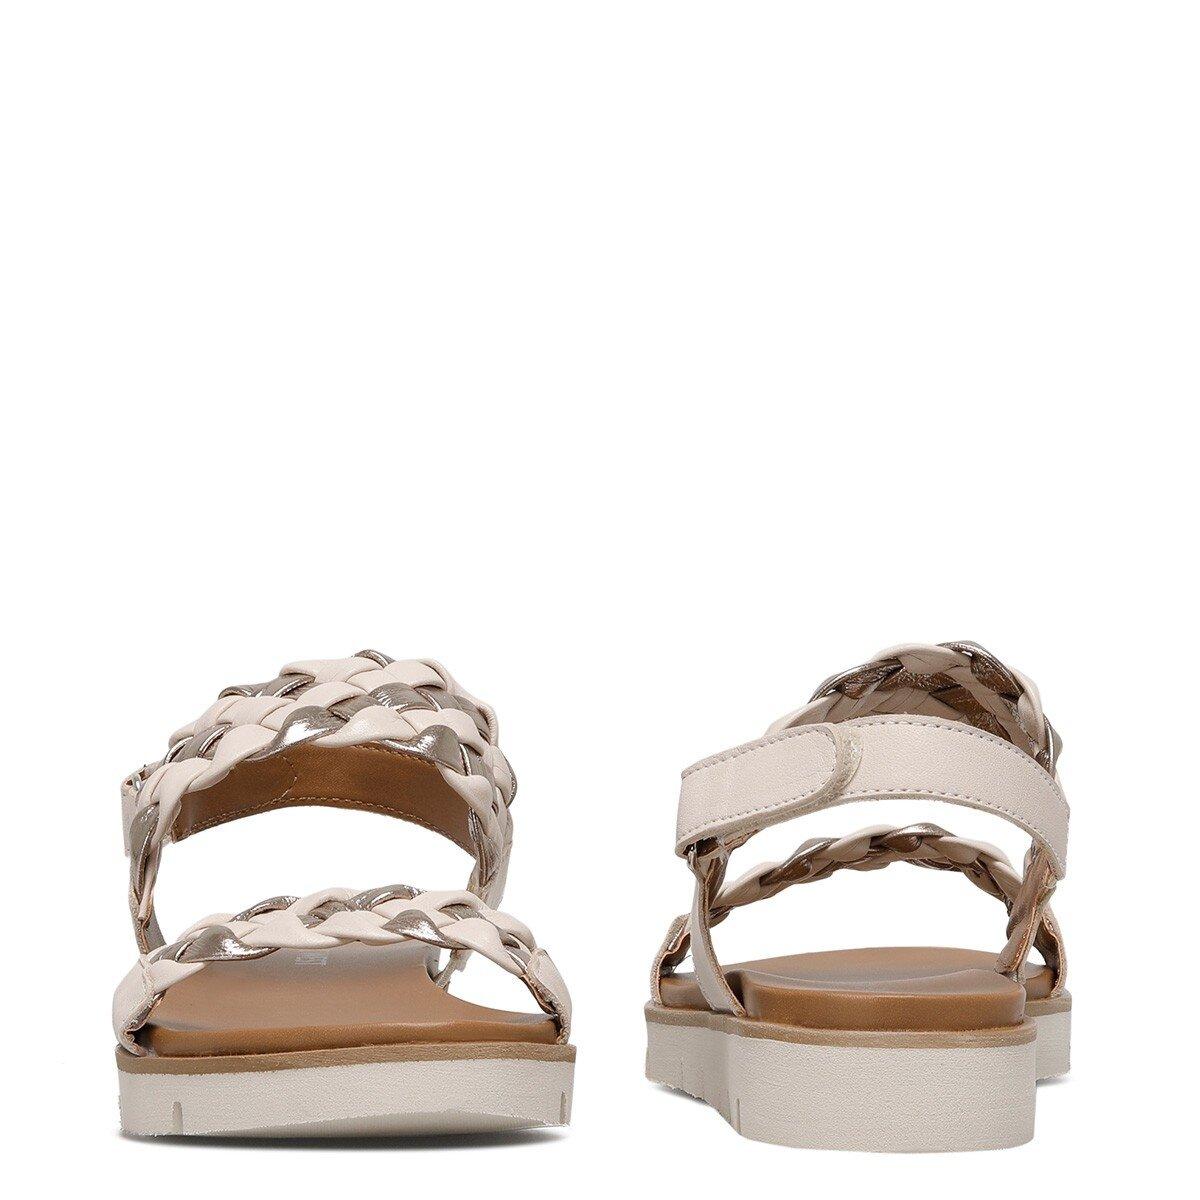 GIELA 1FX Bej Kadın Sandalet